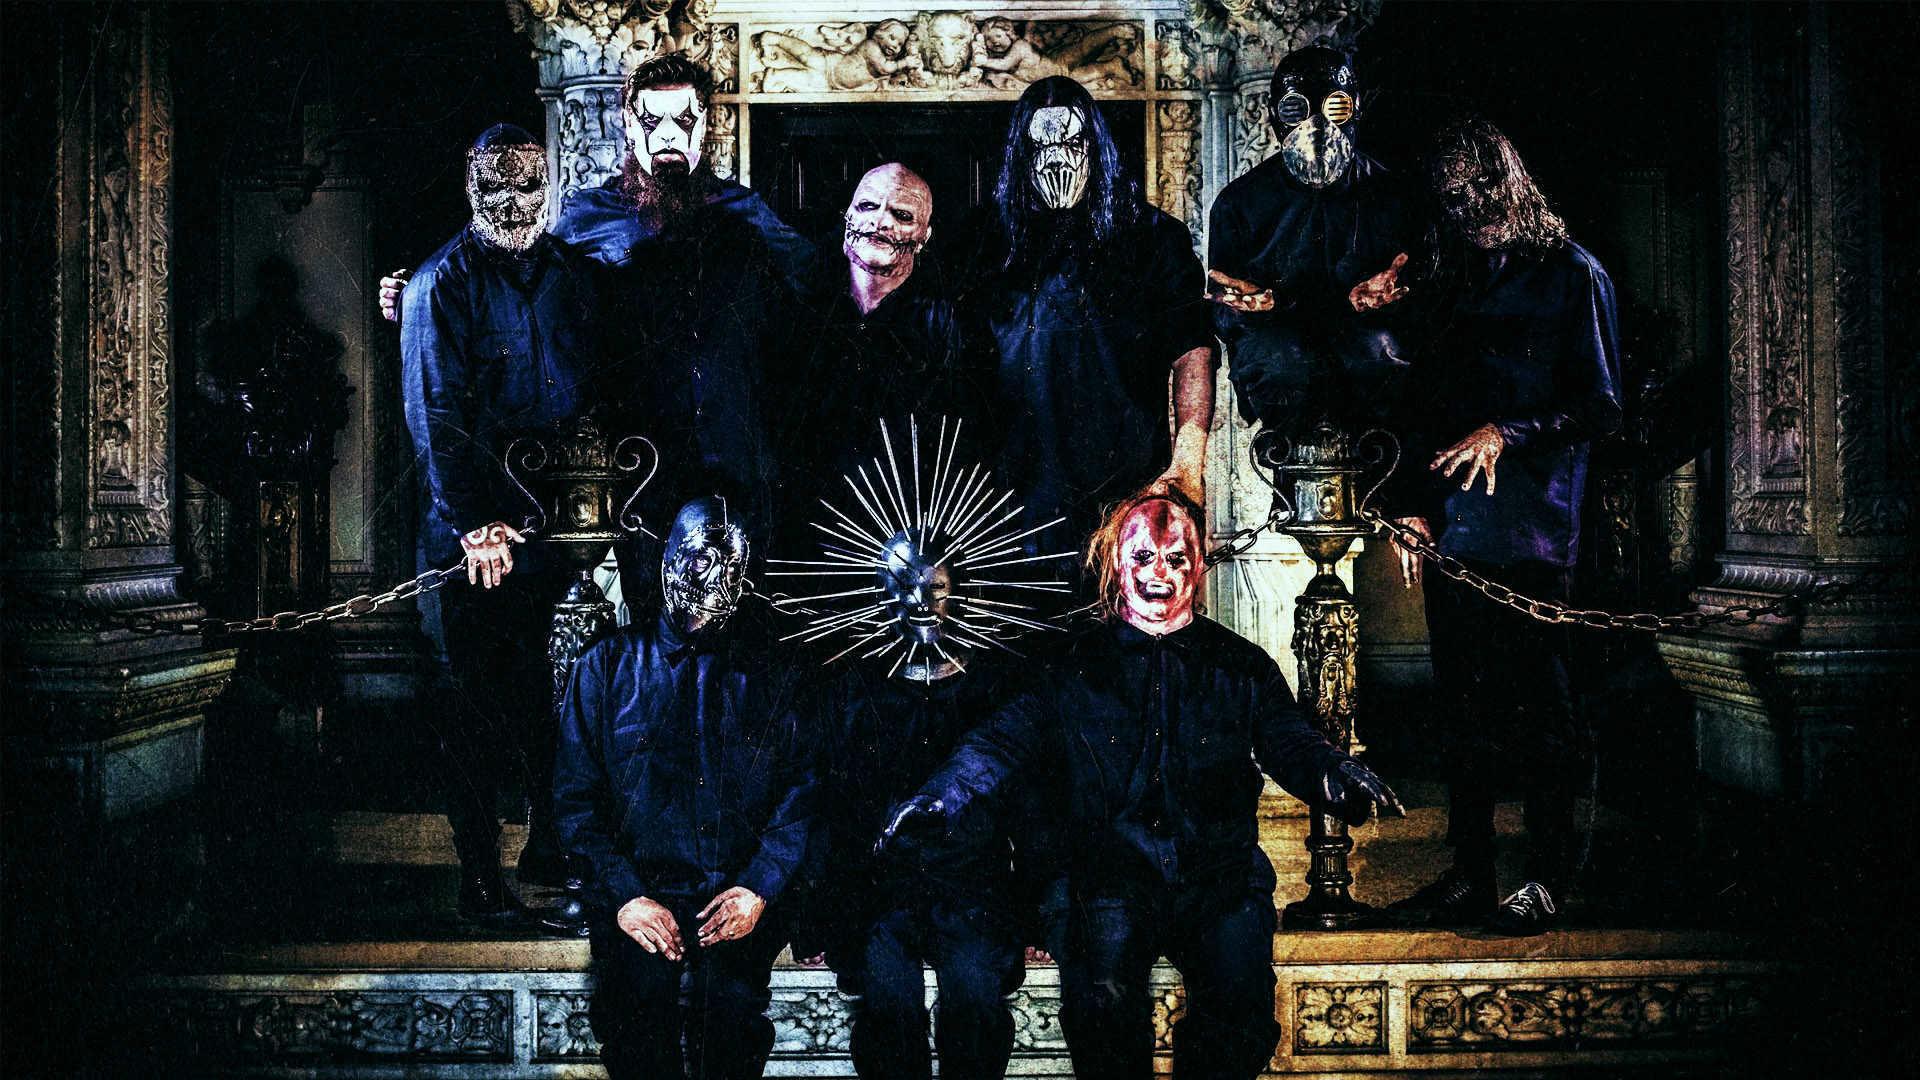 Slipknot 2017 Wallpaper ·①